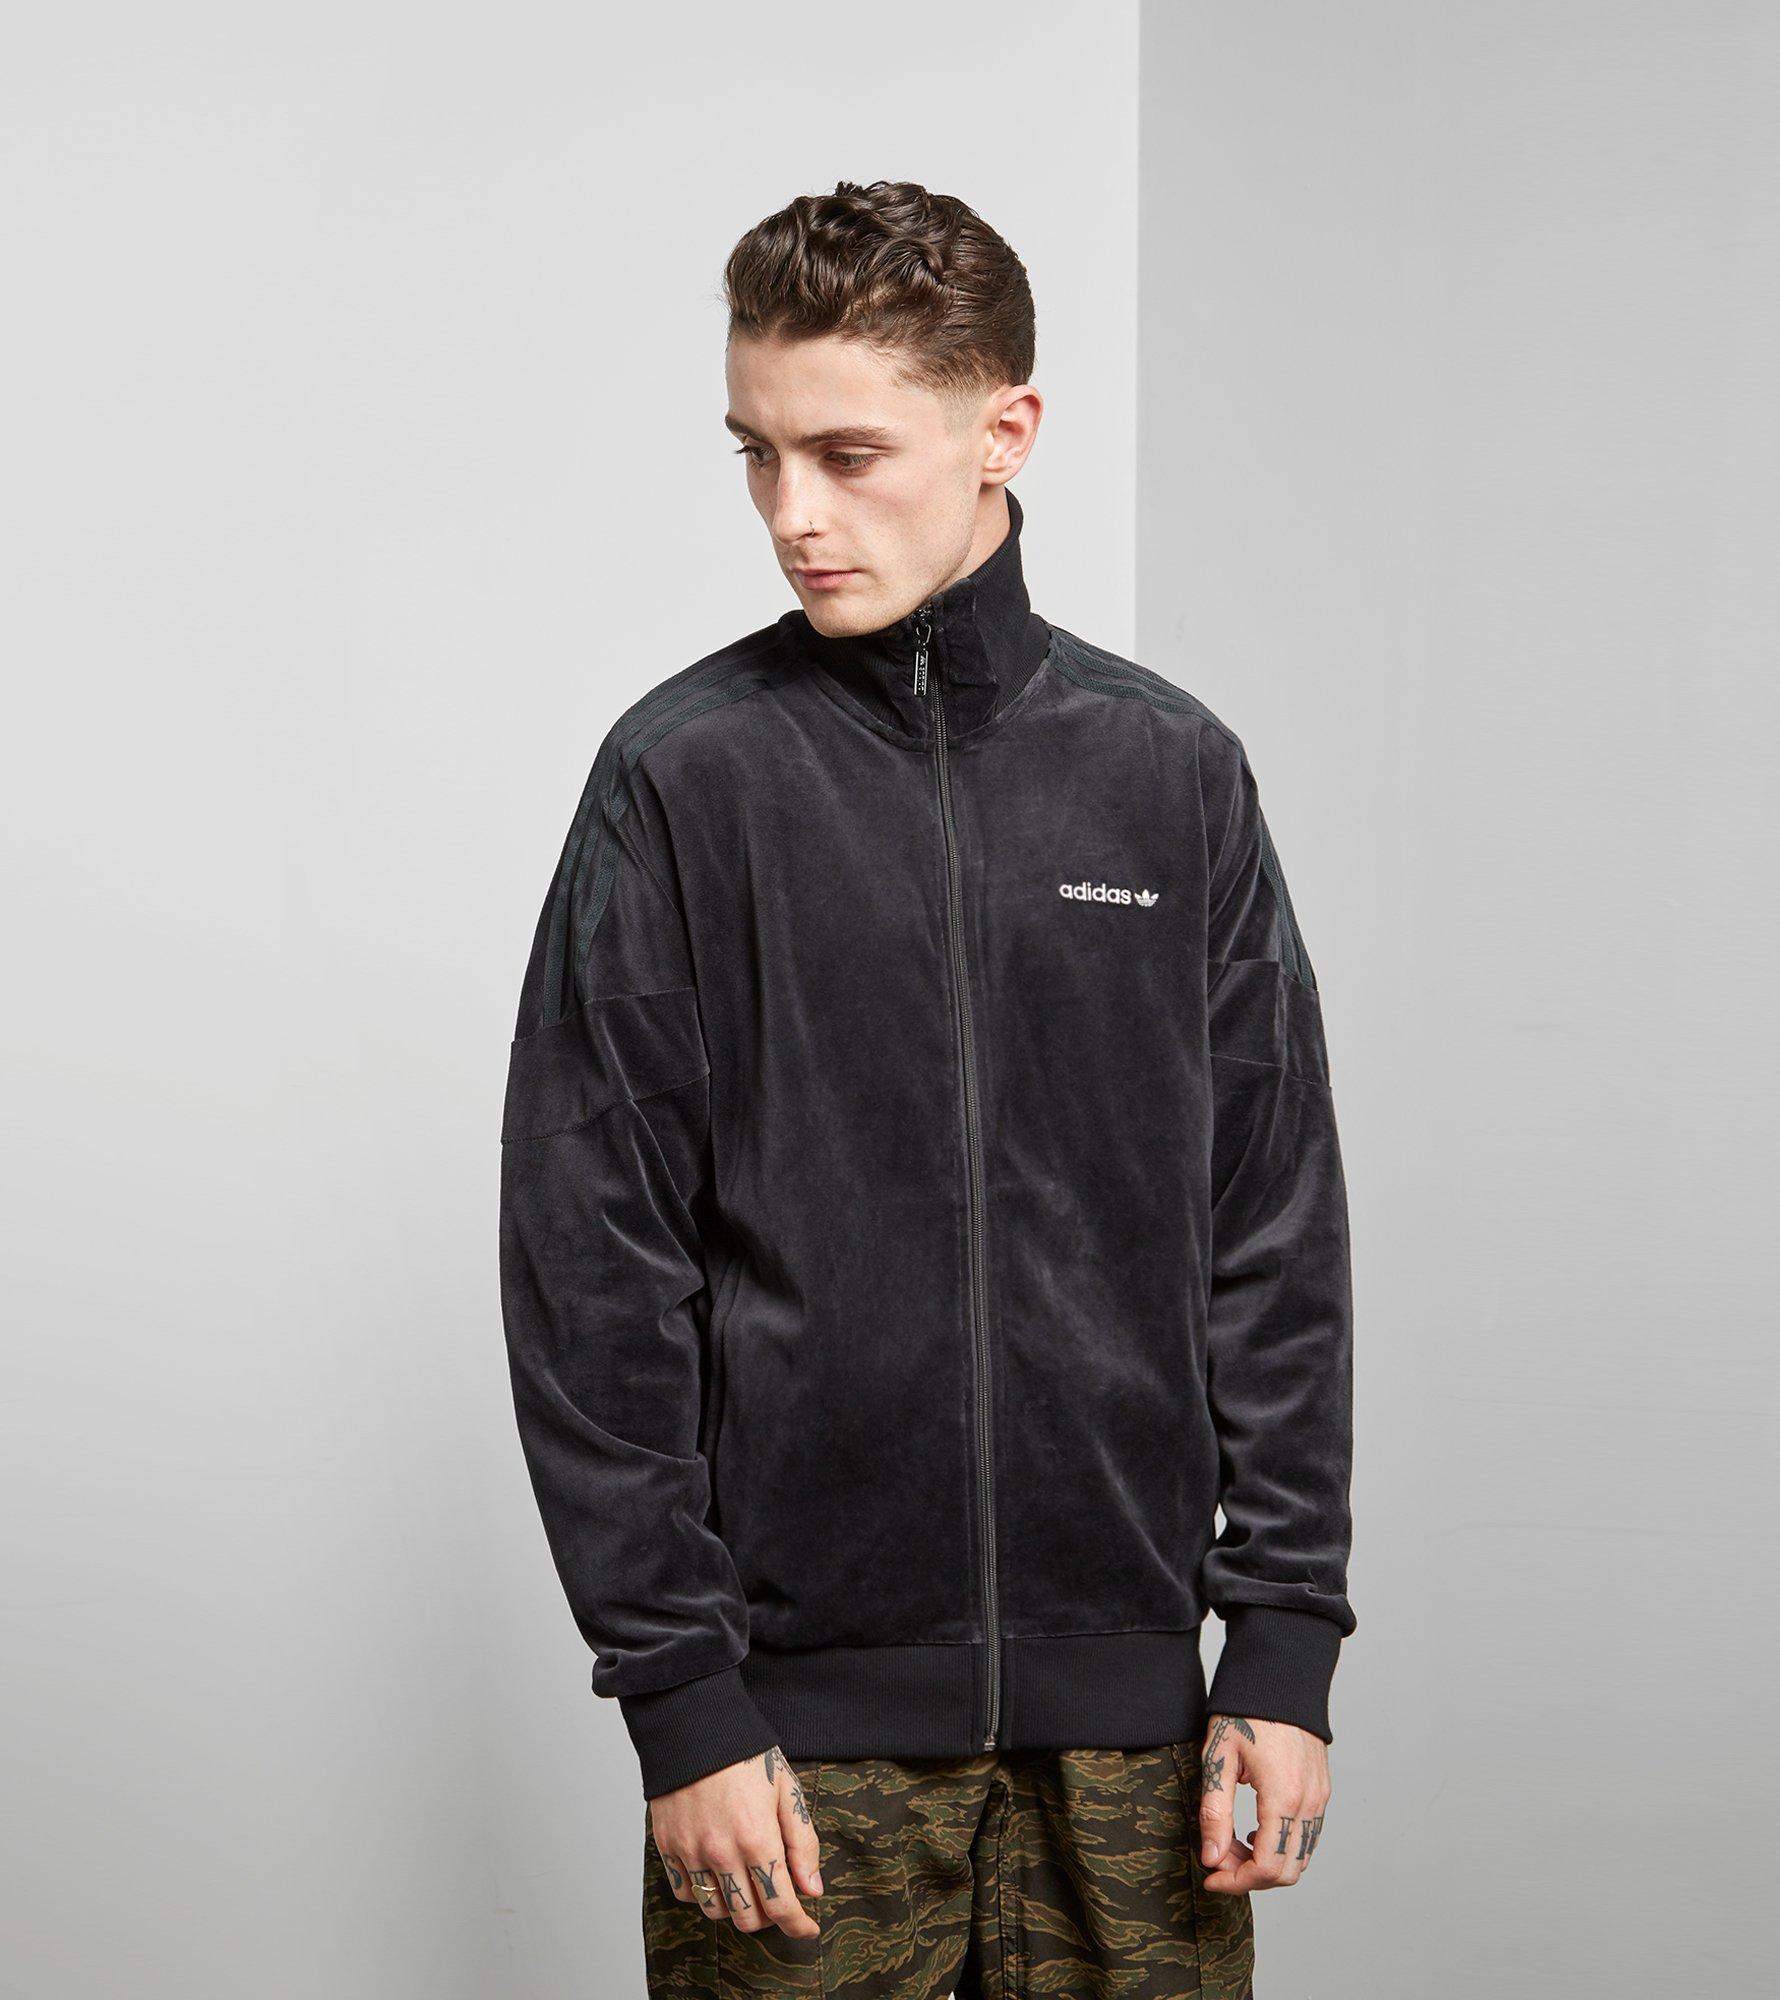 f26d1310eedae adidas Originals Clr84 Velour Track Top in Black for Men - Lyst